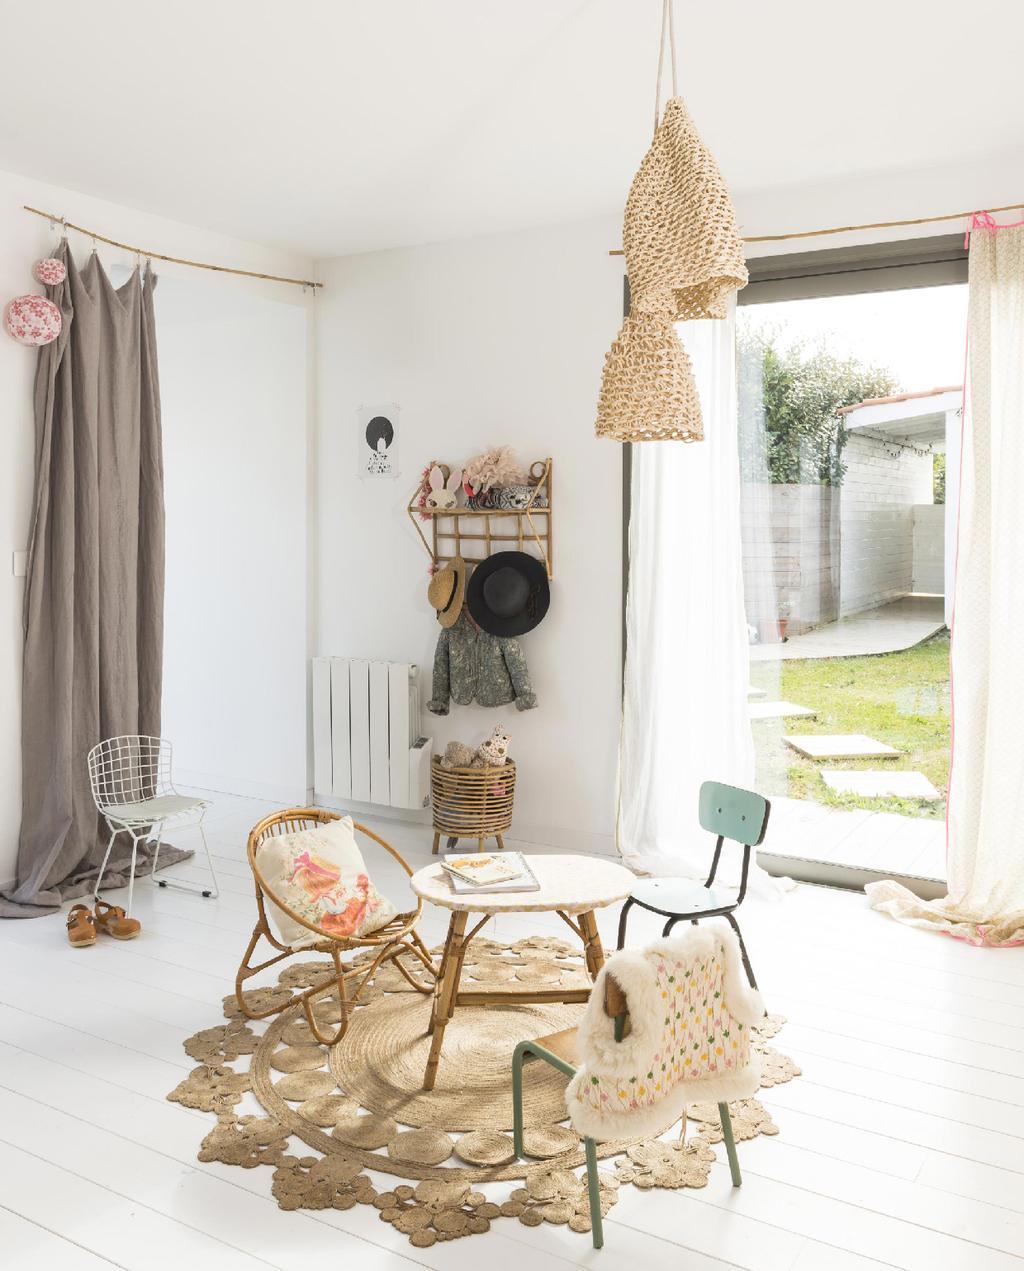 vtwonen 09-2015 | binnenkijken biarritz kinderkamer speelhoek met vintage meubels